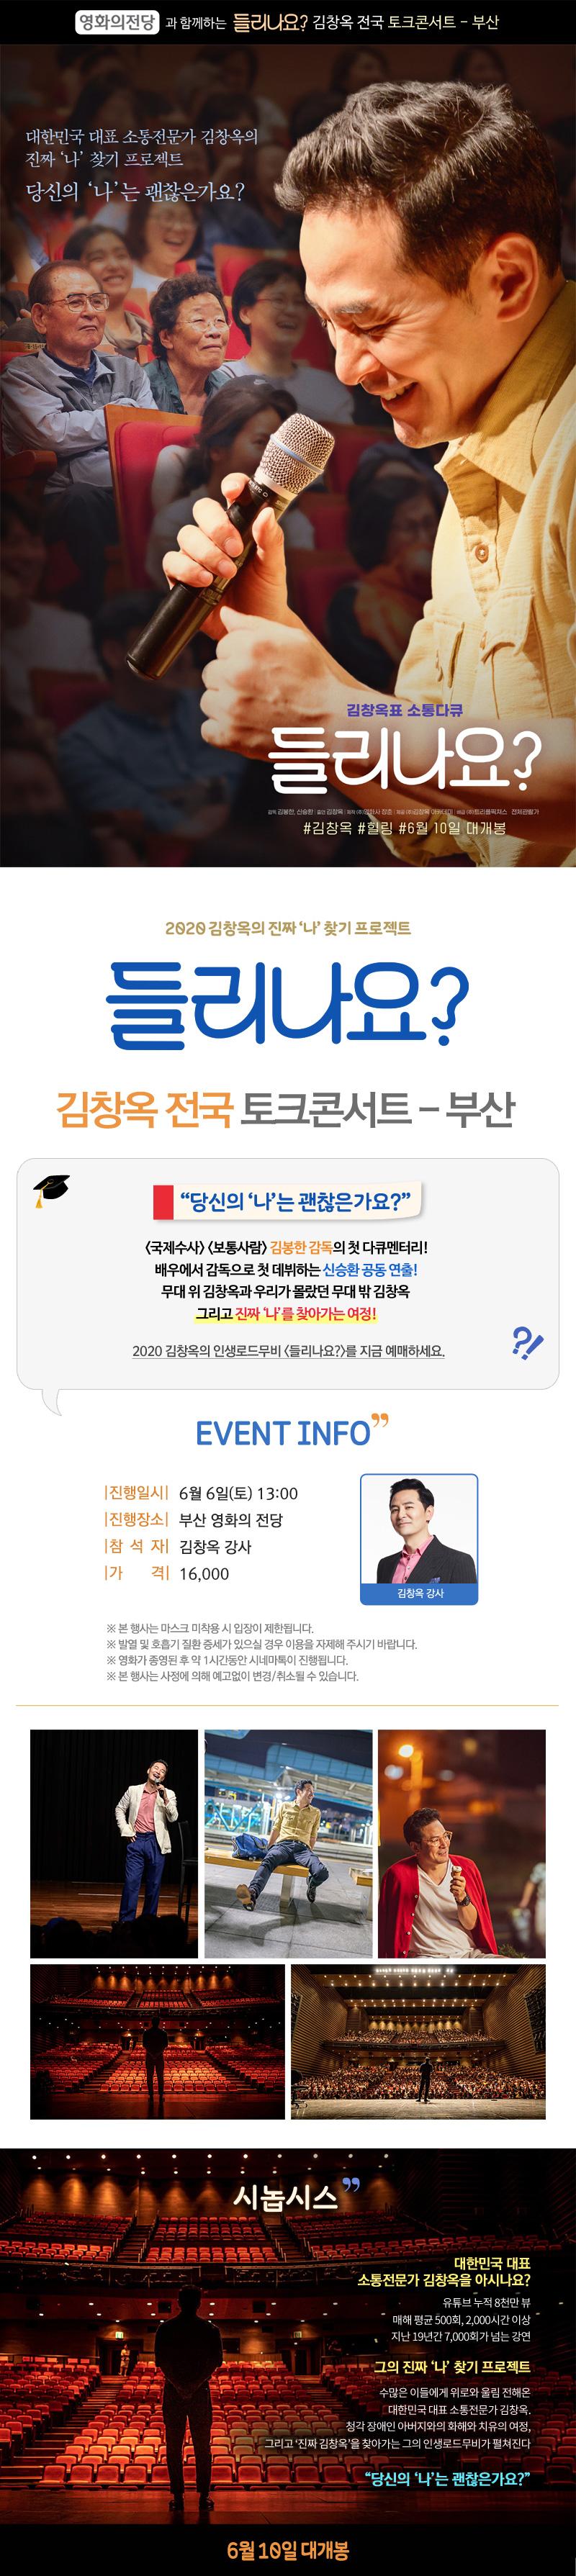 6.6(토) 13시 들리나요? 프리미어 시사회 & 김창옥의 전국 토크 콘서트